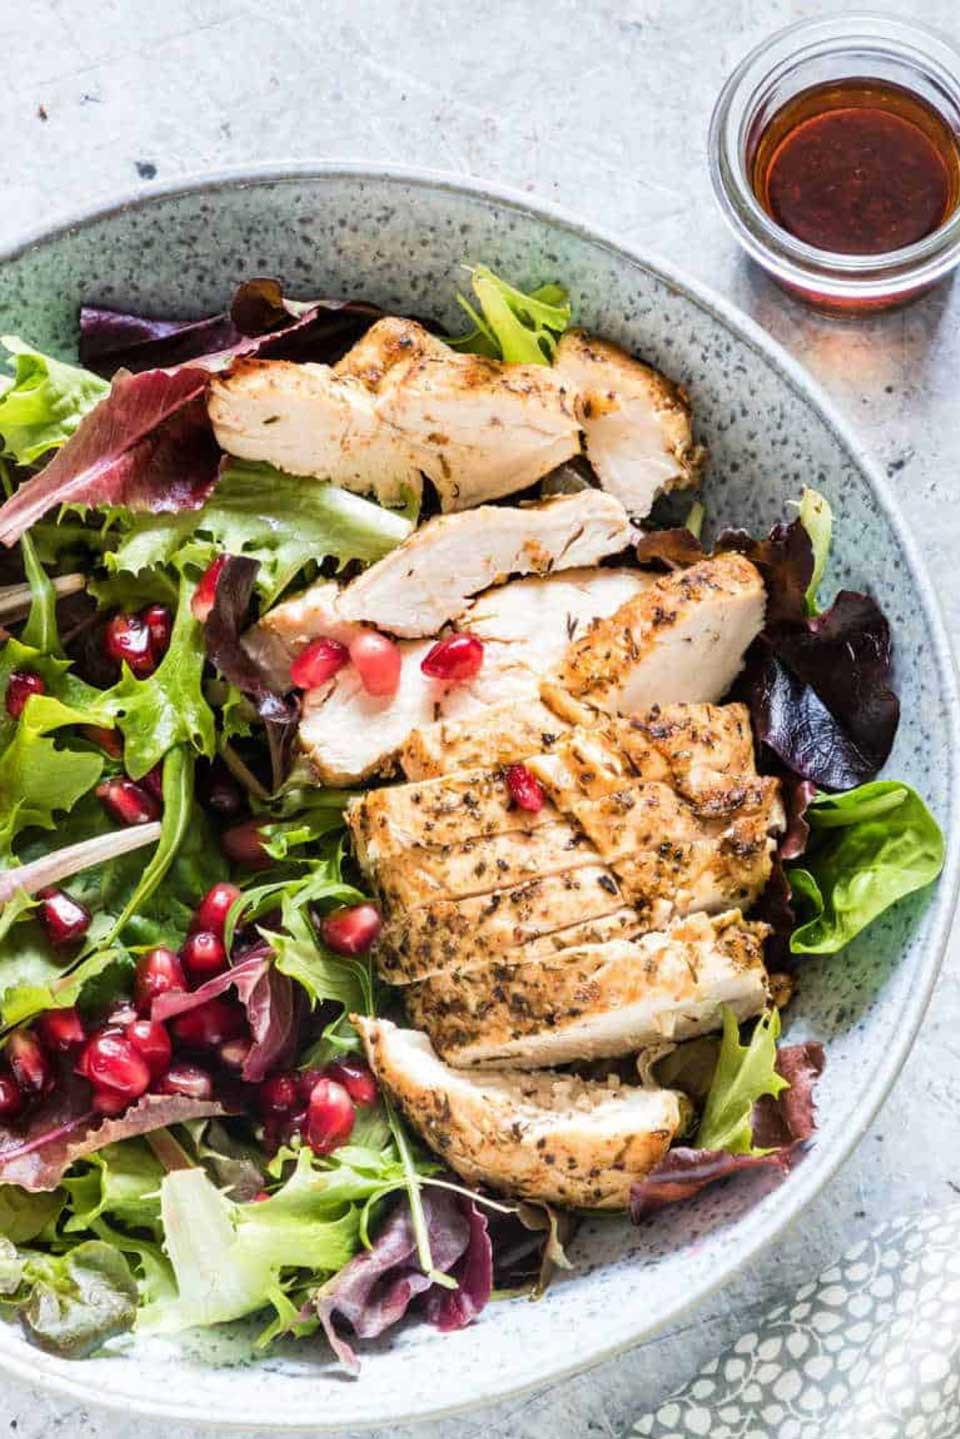 Healthy Instant Pot Recipes Chicken  Healthy Instant Pot Chicken Recipes Two Healthy Kitchens